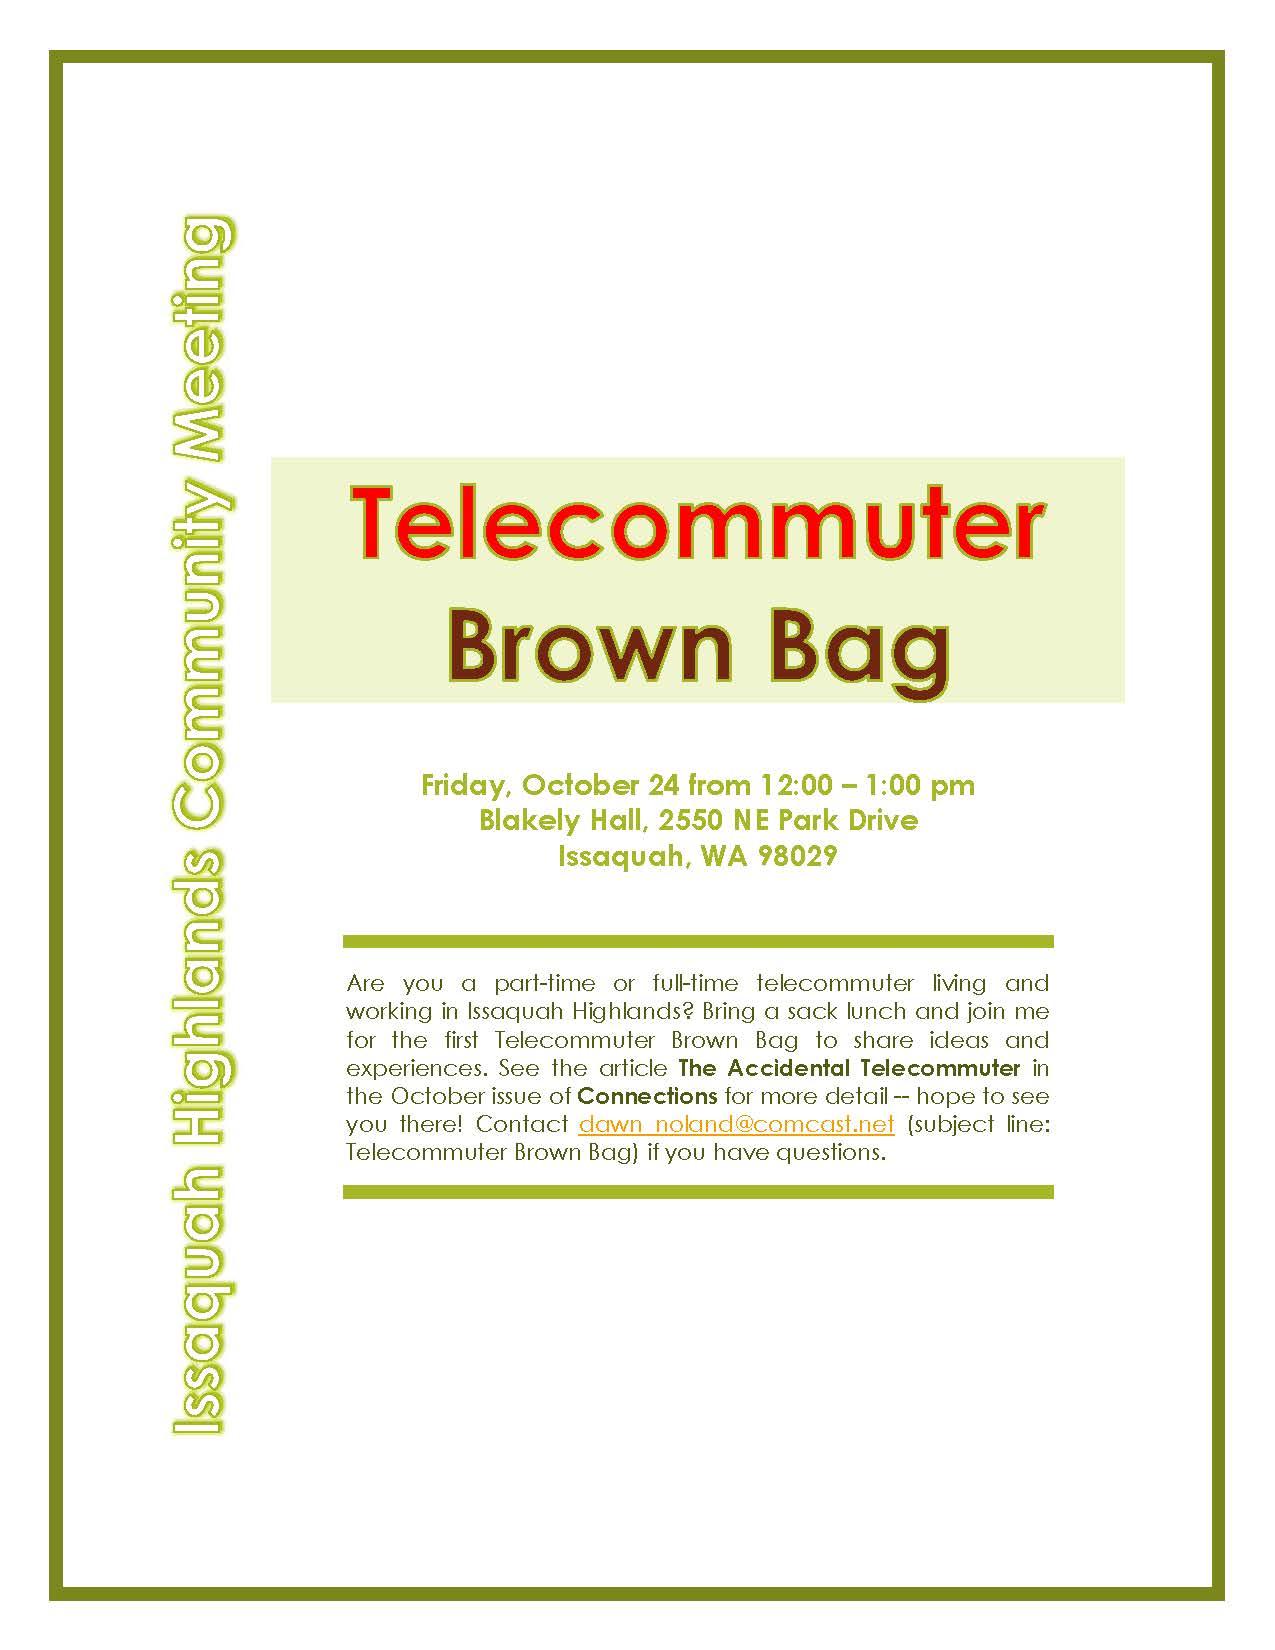 Telecommuter Club Meet Up